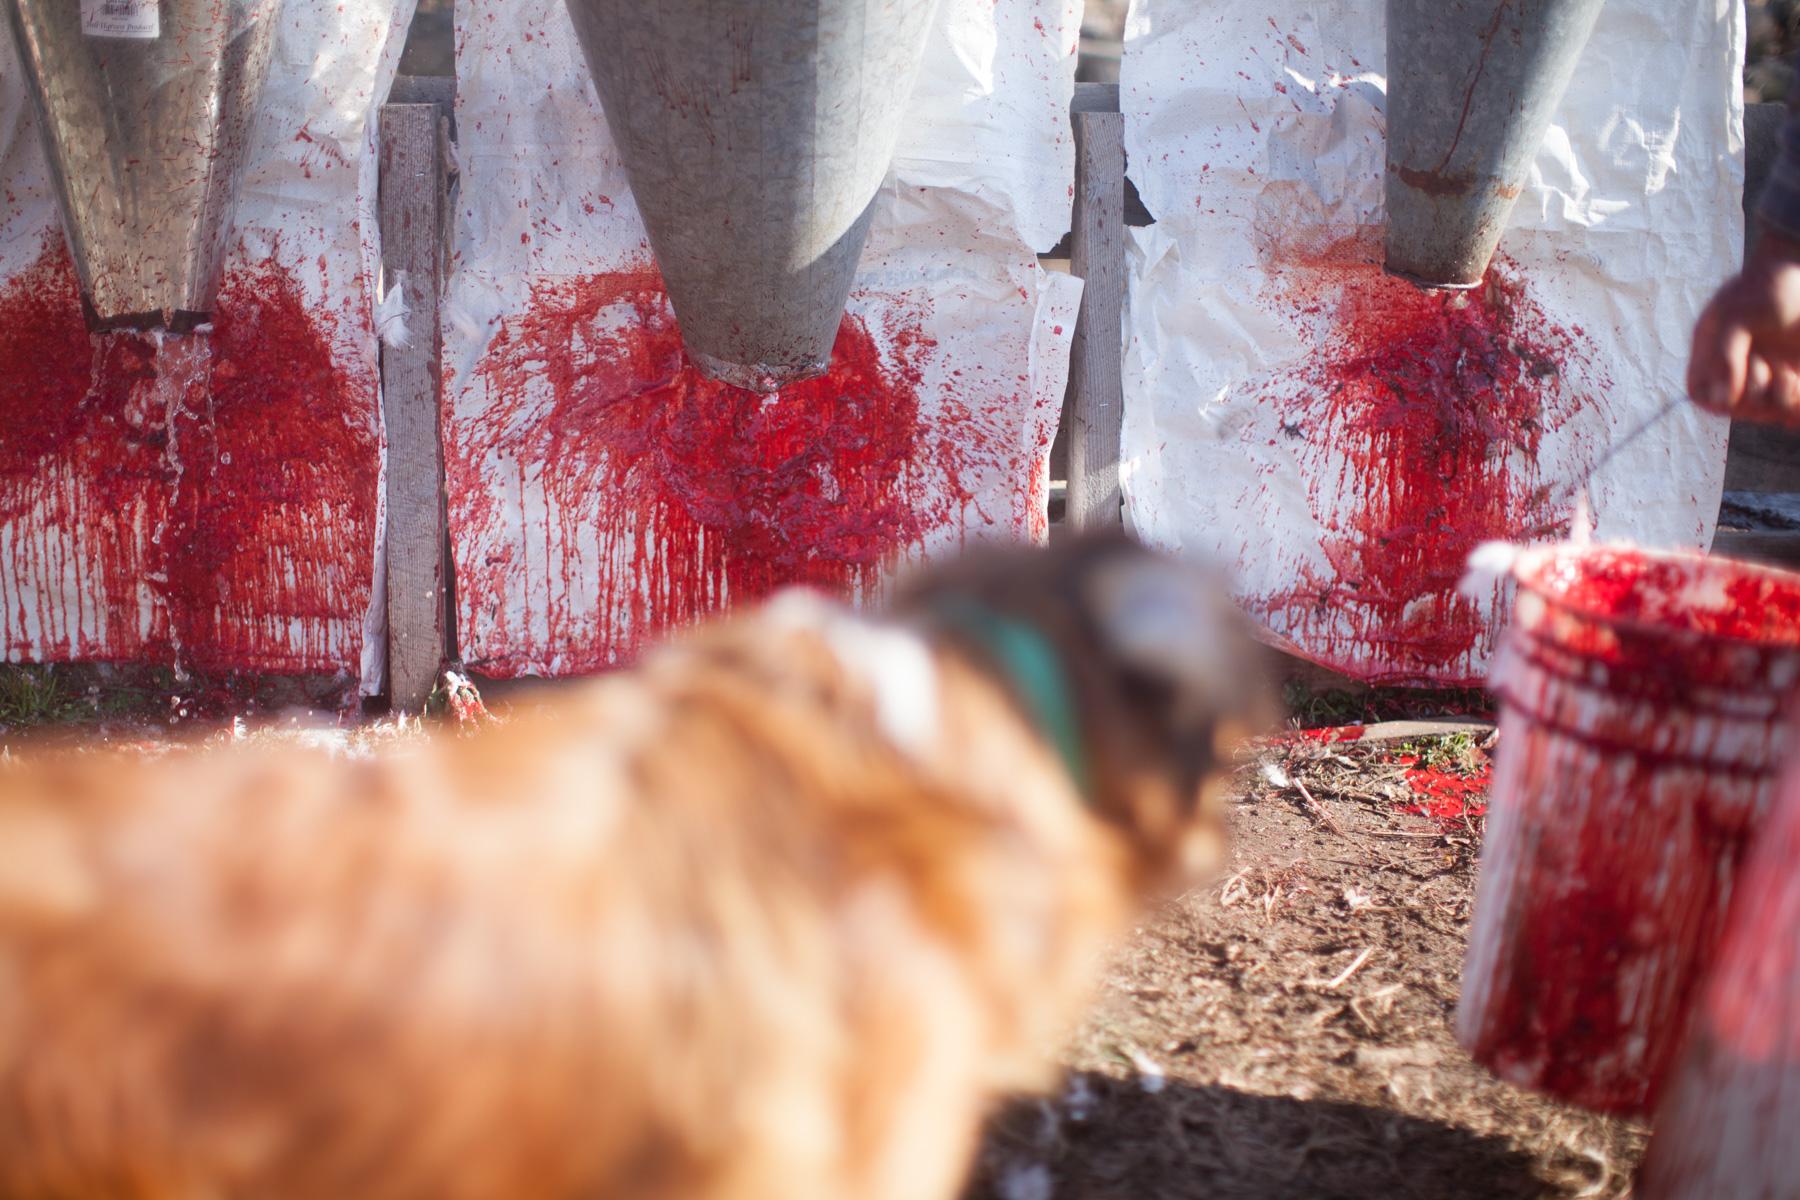 chicken-slaughter-blood